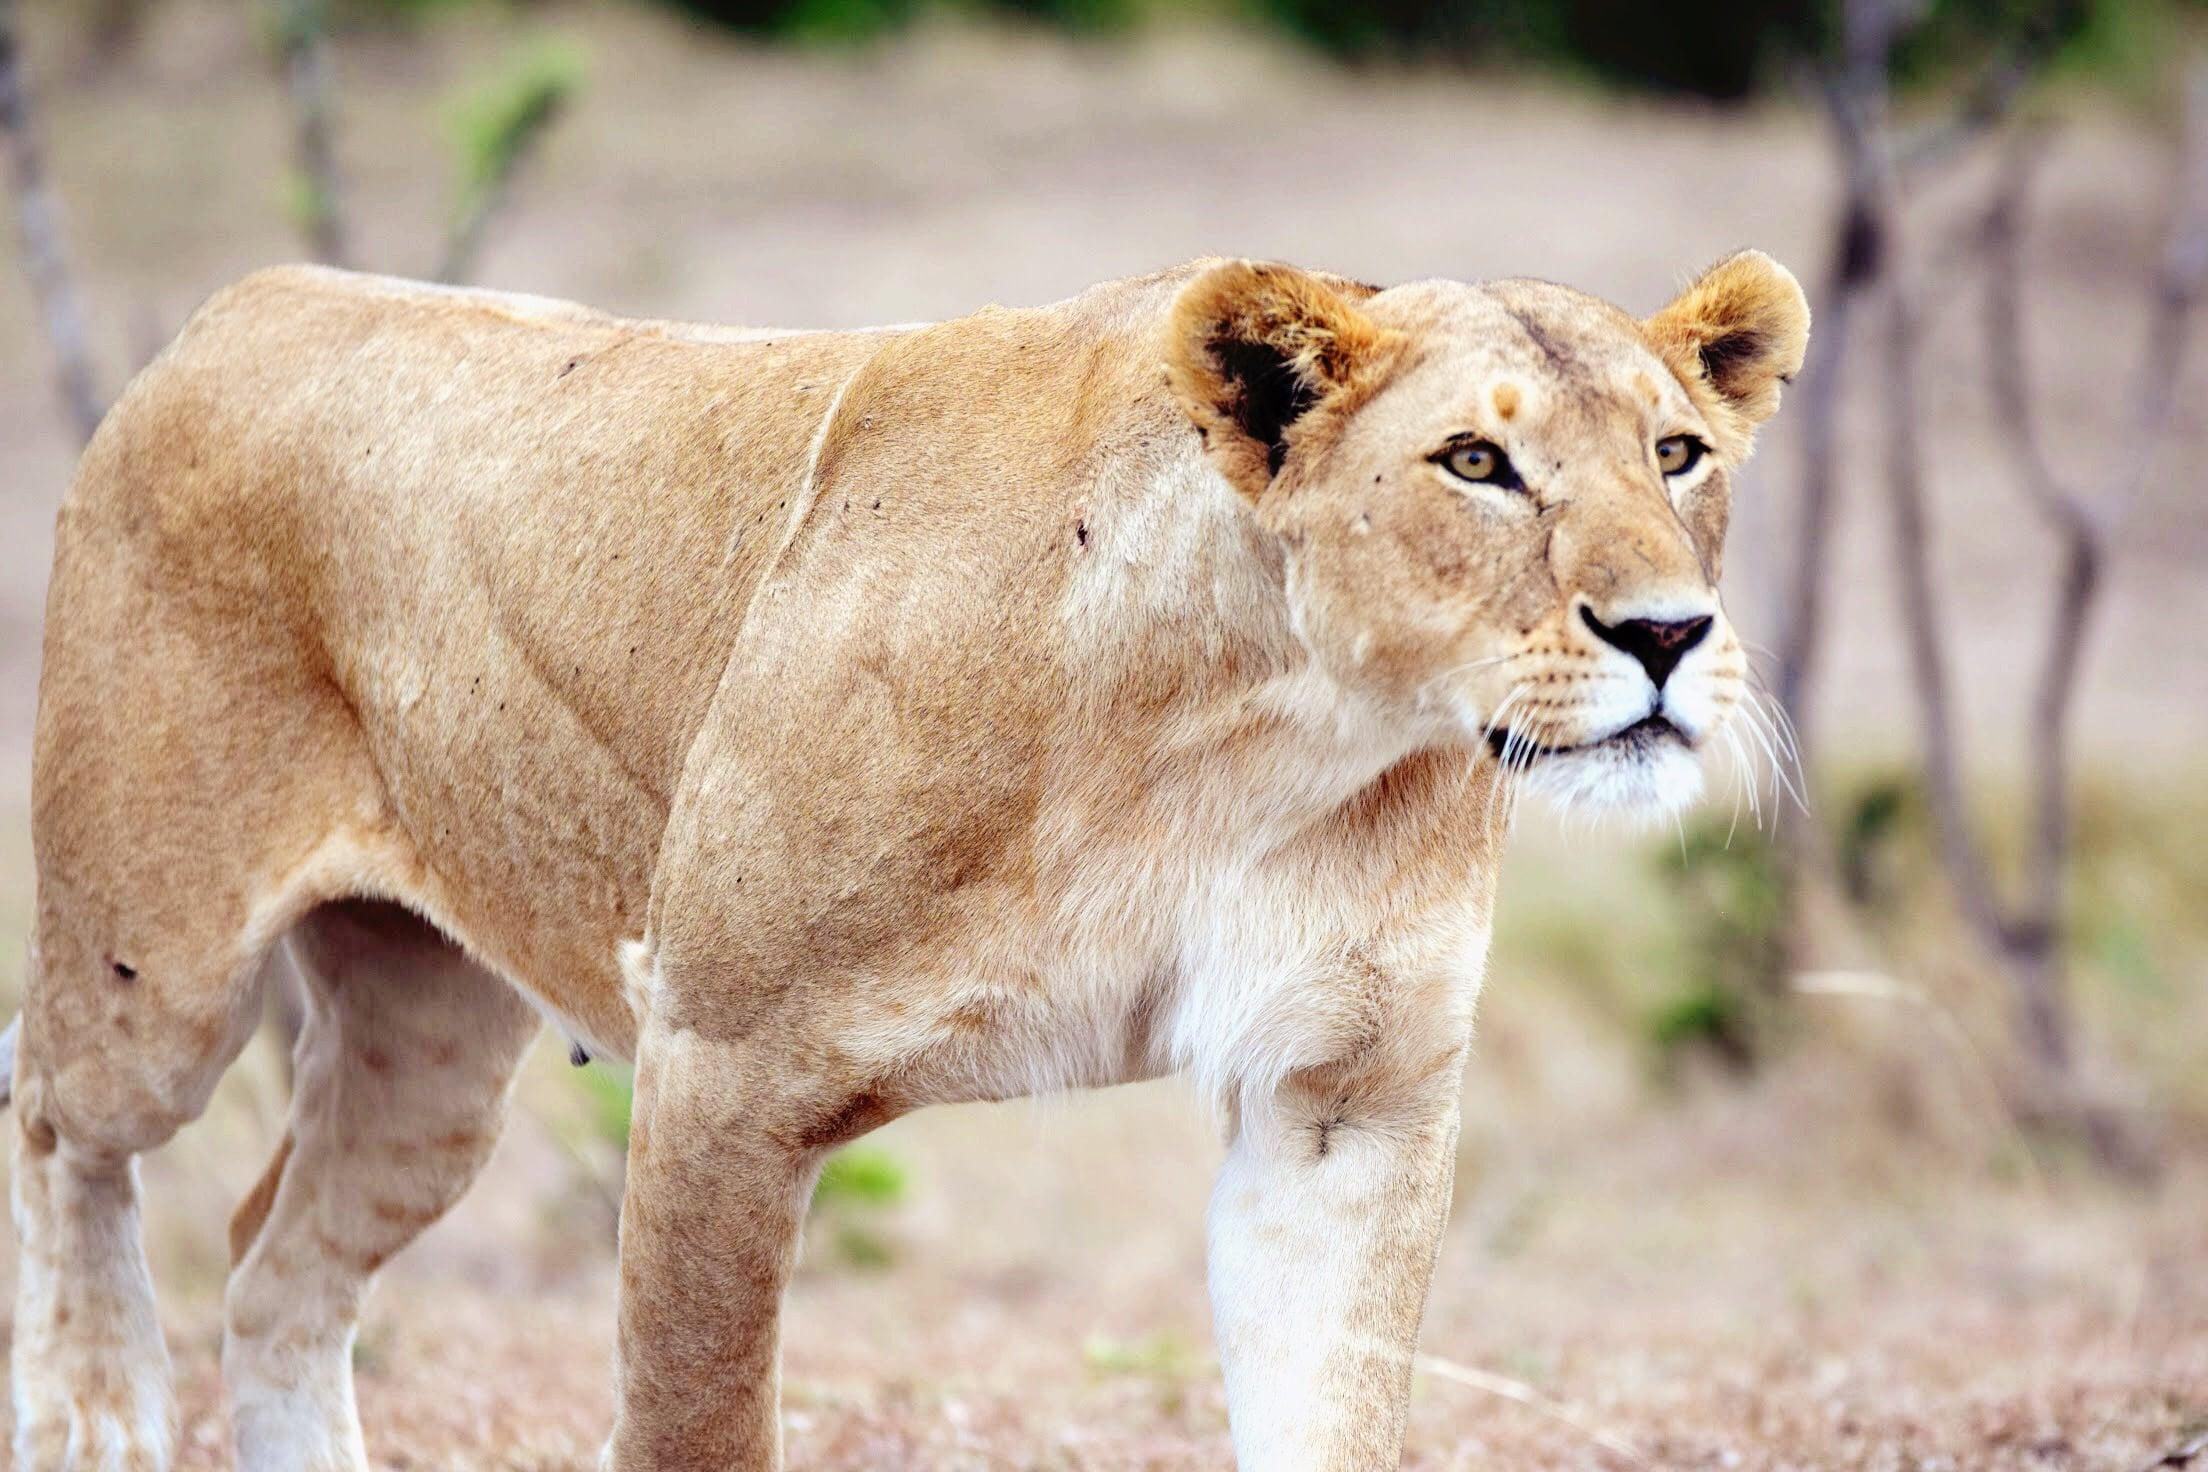 Our Stay At Sir Richard Branson's Mahali Mzuri In Maasai Mara, Kenya -- Kenya Safari - Kenya Safari Tours - Safari Kenya - Safari Trips In Kenya - Trip To Kenya - Kenyan Safari - How To Plan A Safari - Kenya Safari Guide - Kenya Wildlife - Kenya Trip - Travel To Kenya - Guide To Kenya - Maasai Mara